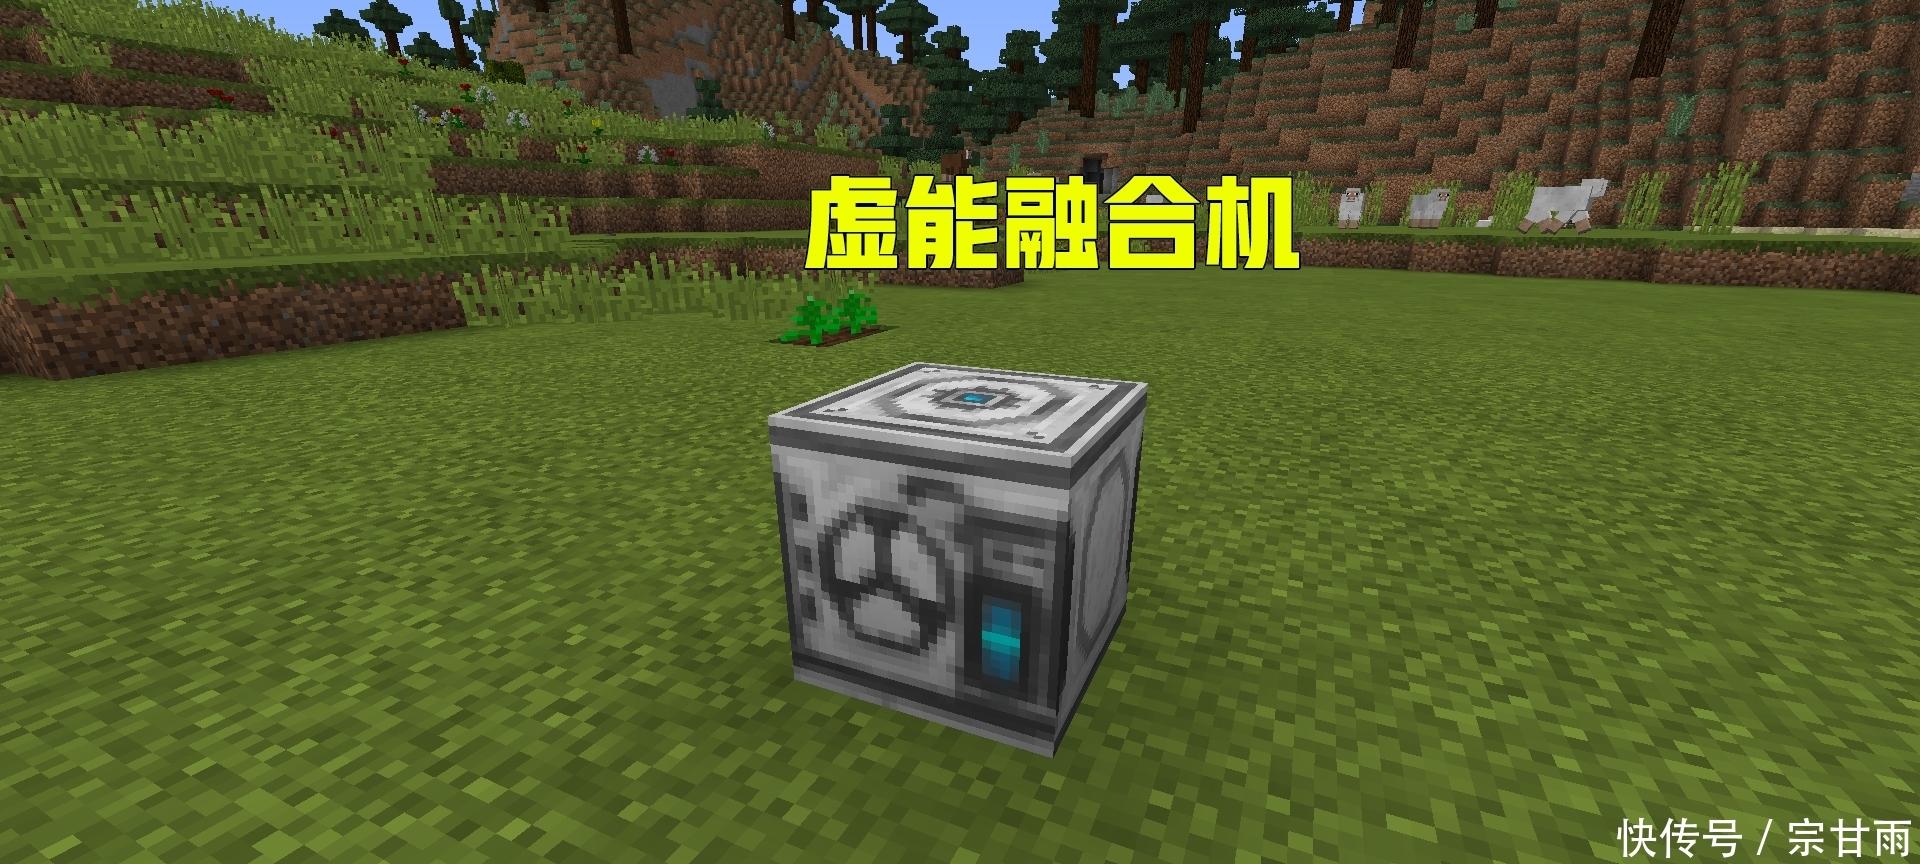 我的世界:有机器组装的超能力,用WIFI来控制游戏内的机器人